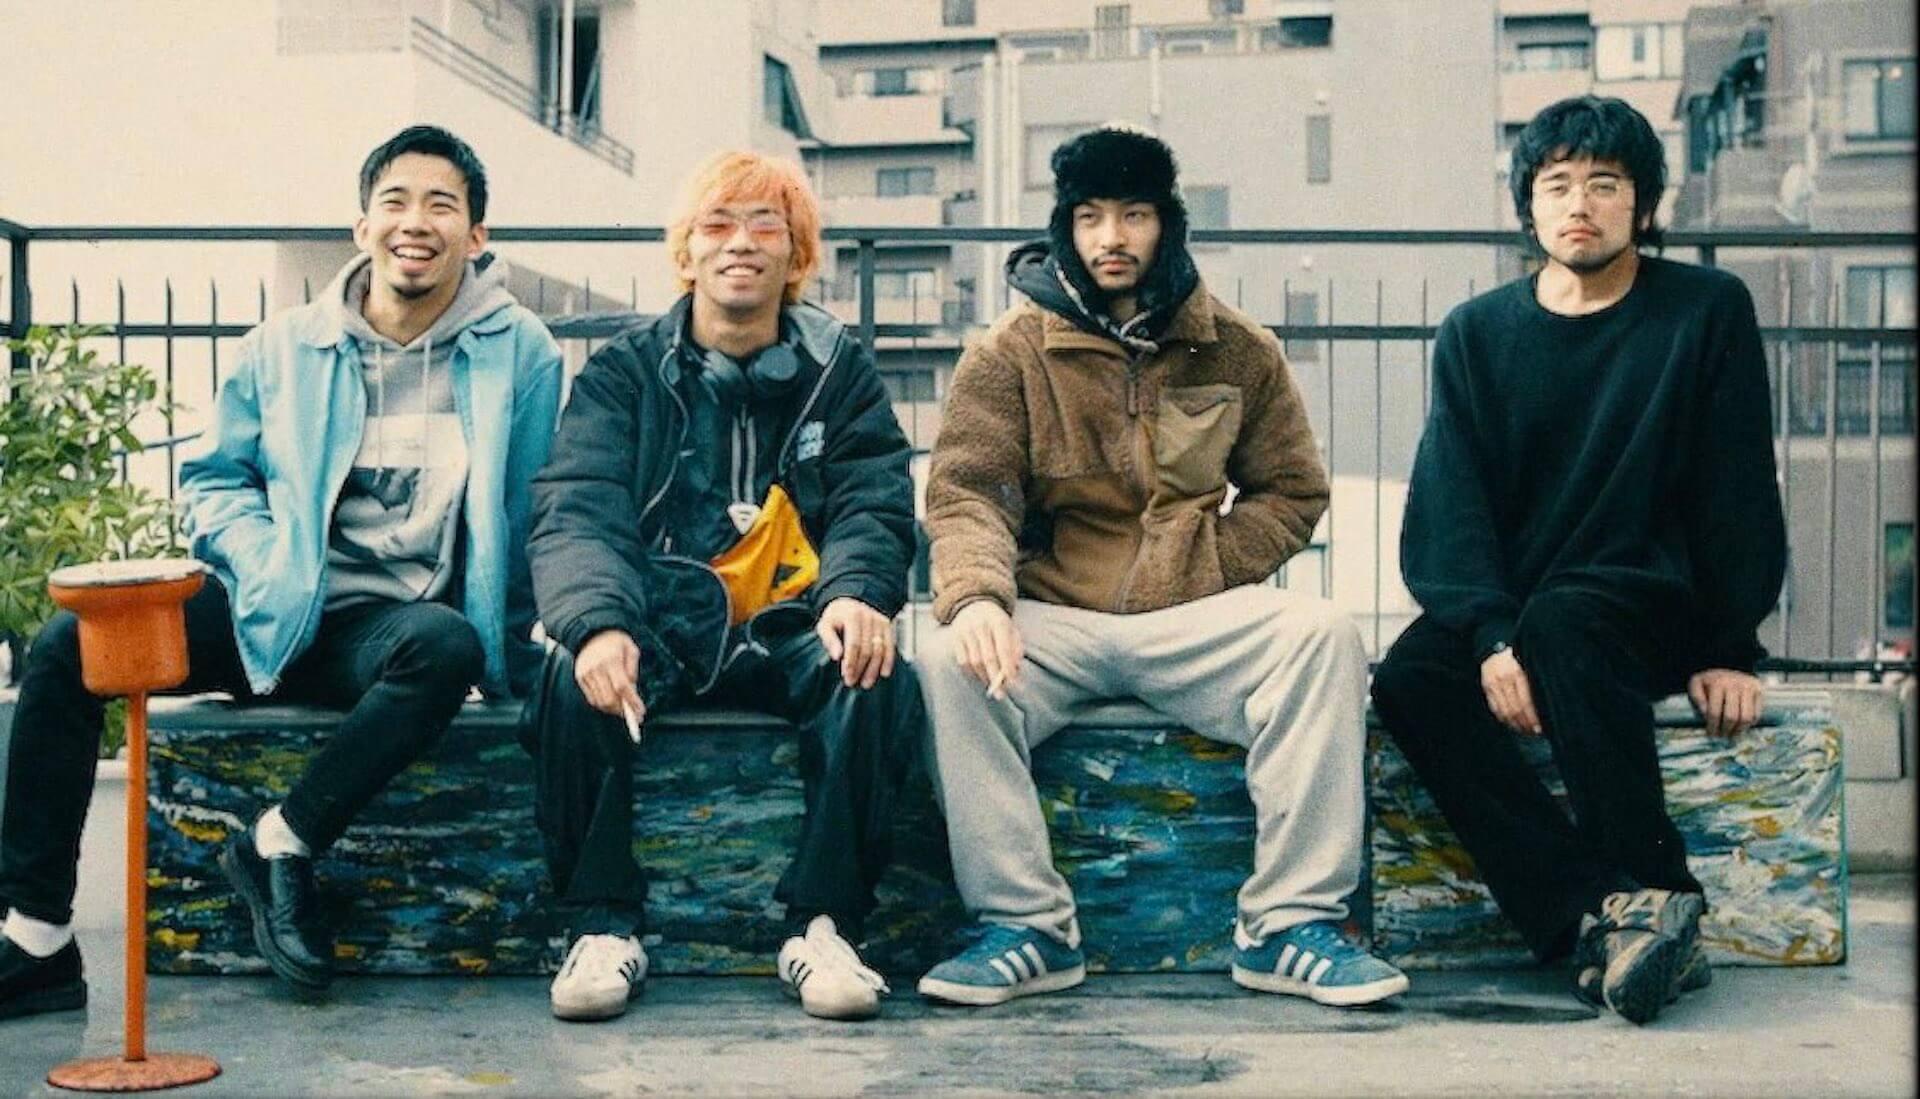 King Gnuニューアルバム『CEREMONY』ついに明日発売|井口理「すげー夢があることだとおもうよ」 music200114_kinggnu_ceremony_1